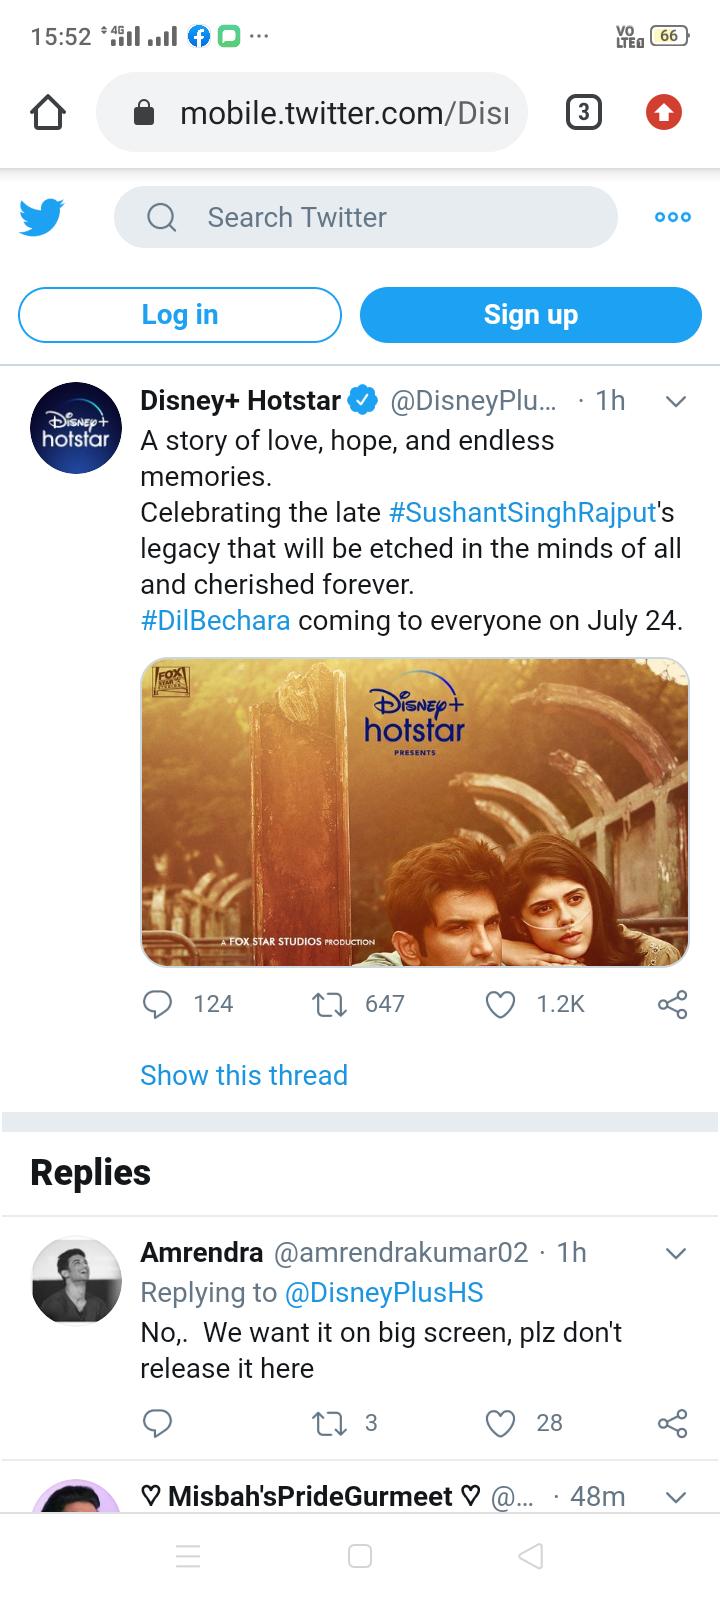 सुशांत सिंह  राजपूत के फैंस के लिए एक अच्छी खबर ।